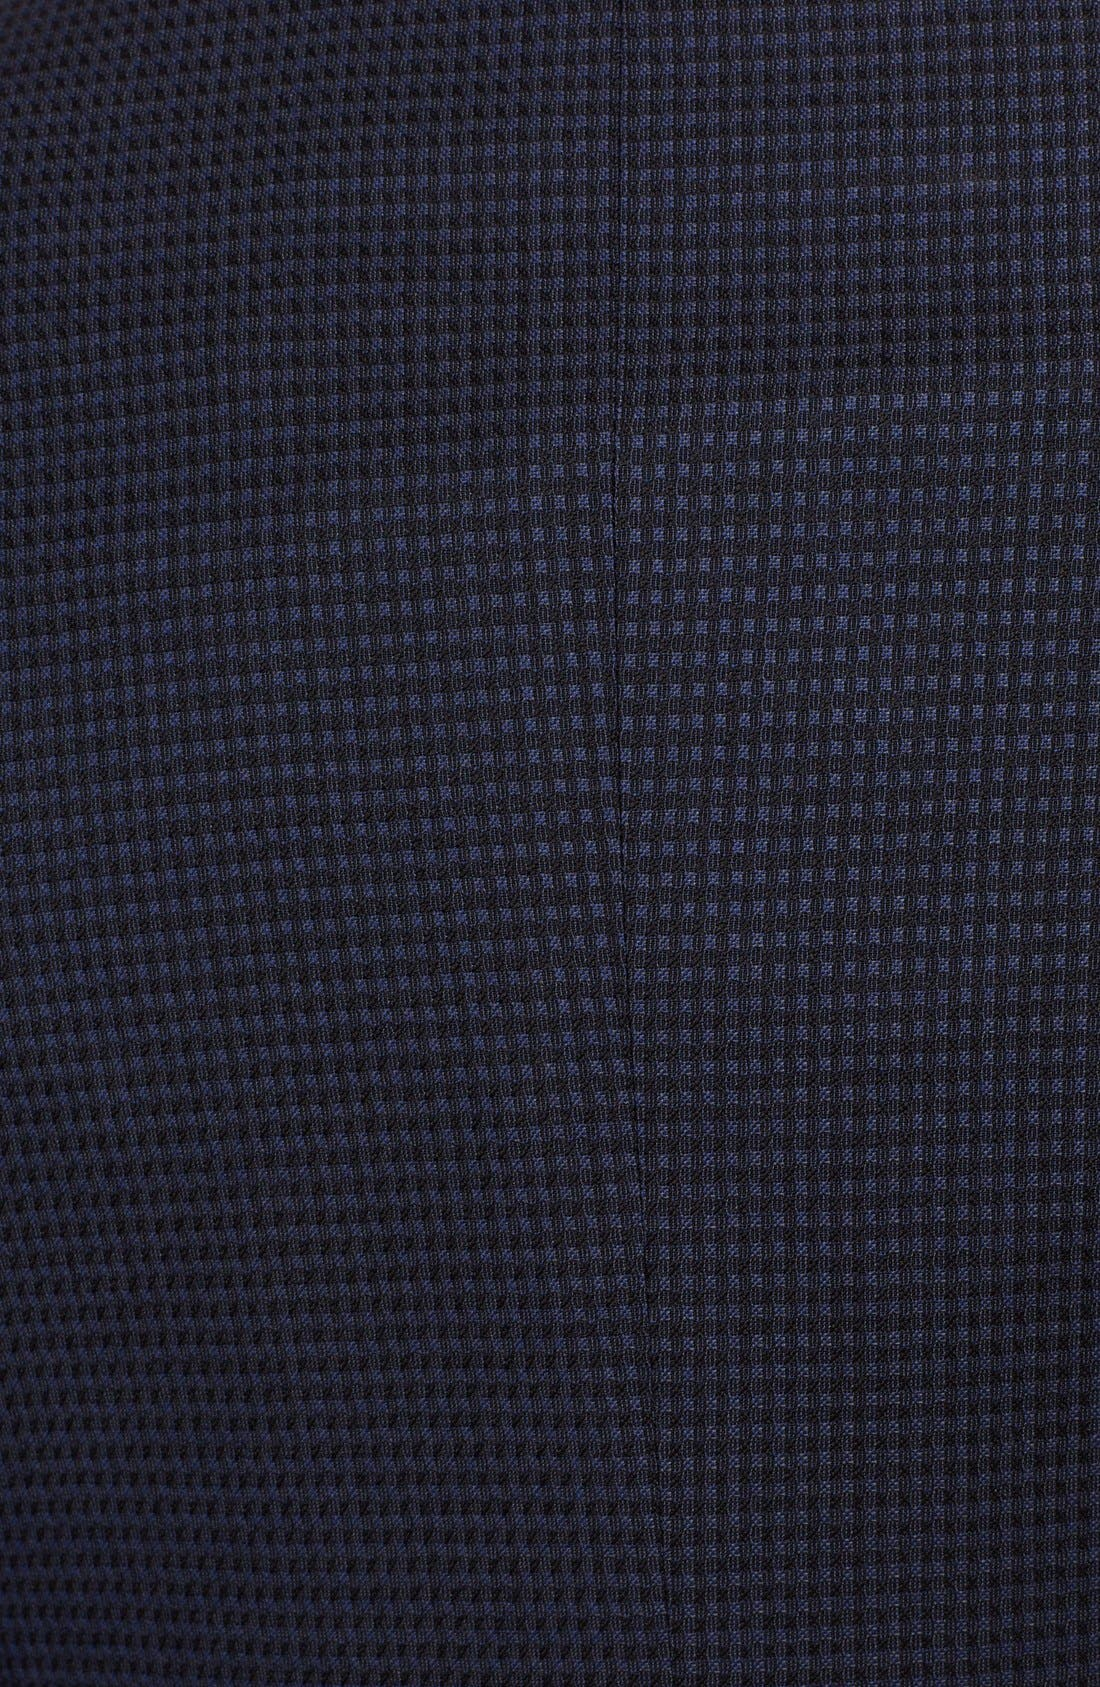 Alternate Image 3  - Armani Collezioni 'Giorgio' Navy Check Virgin Wool Sport Coat